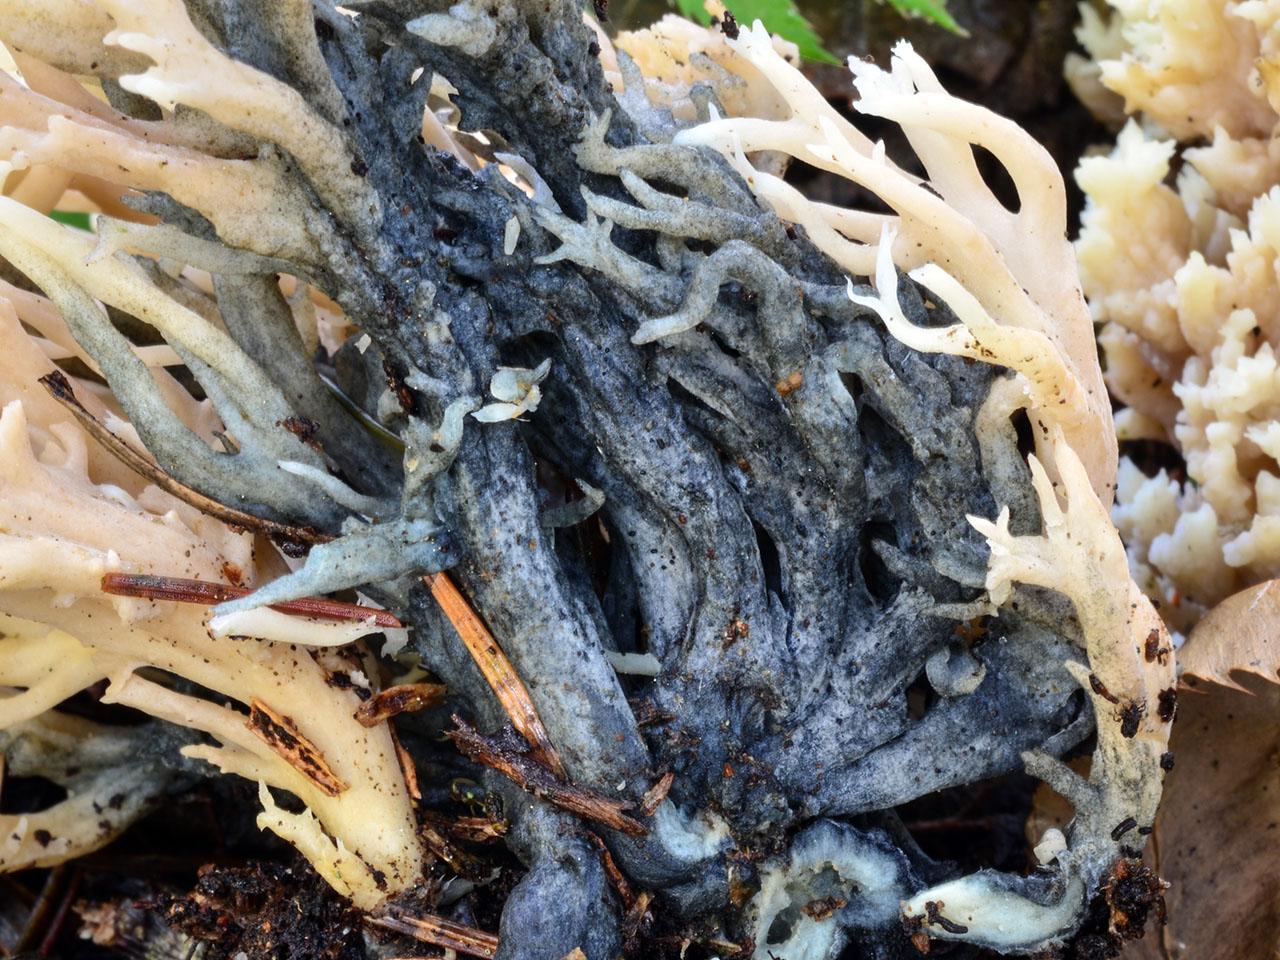 helminthosphaeria clavariarum